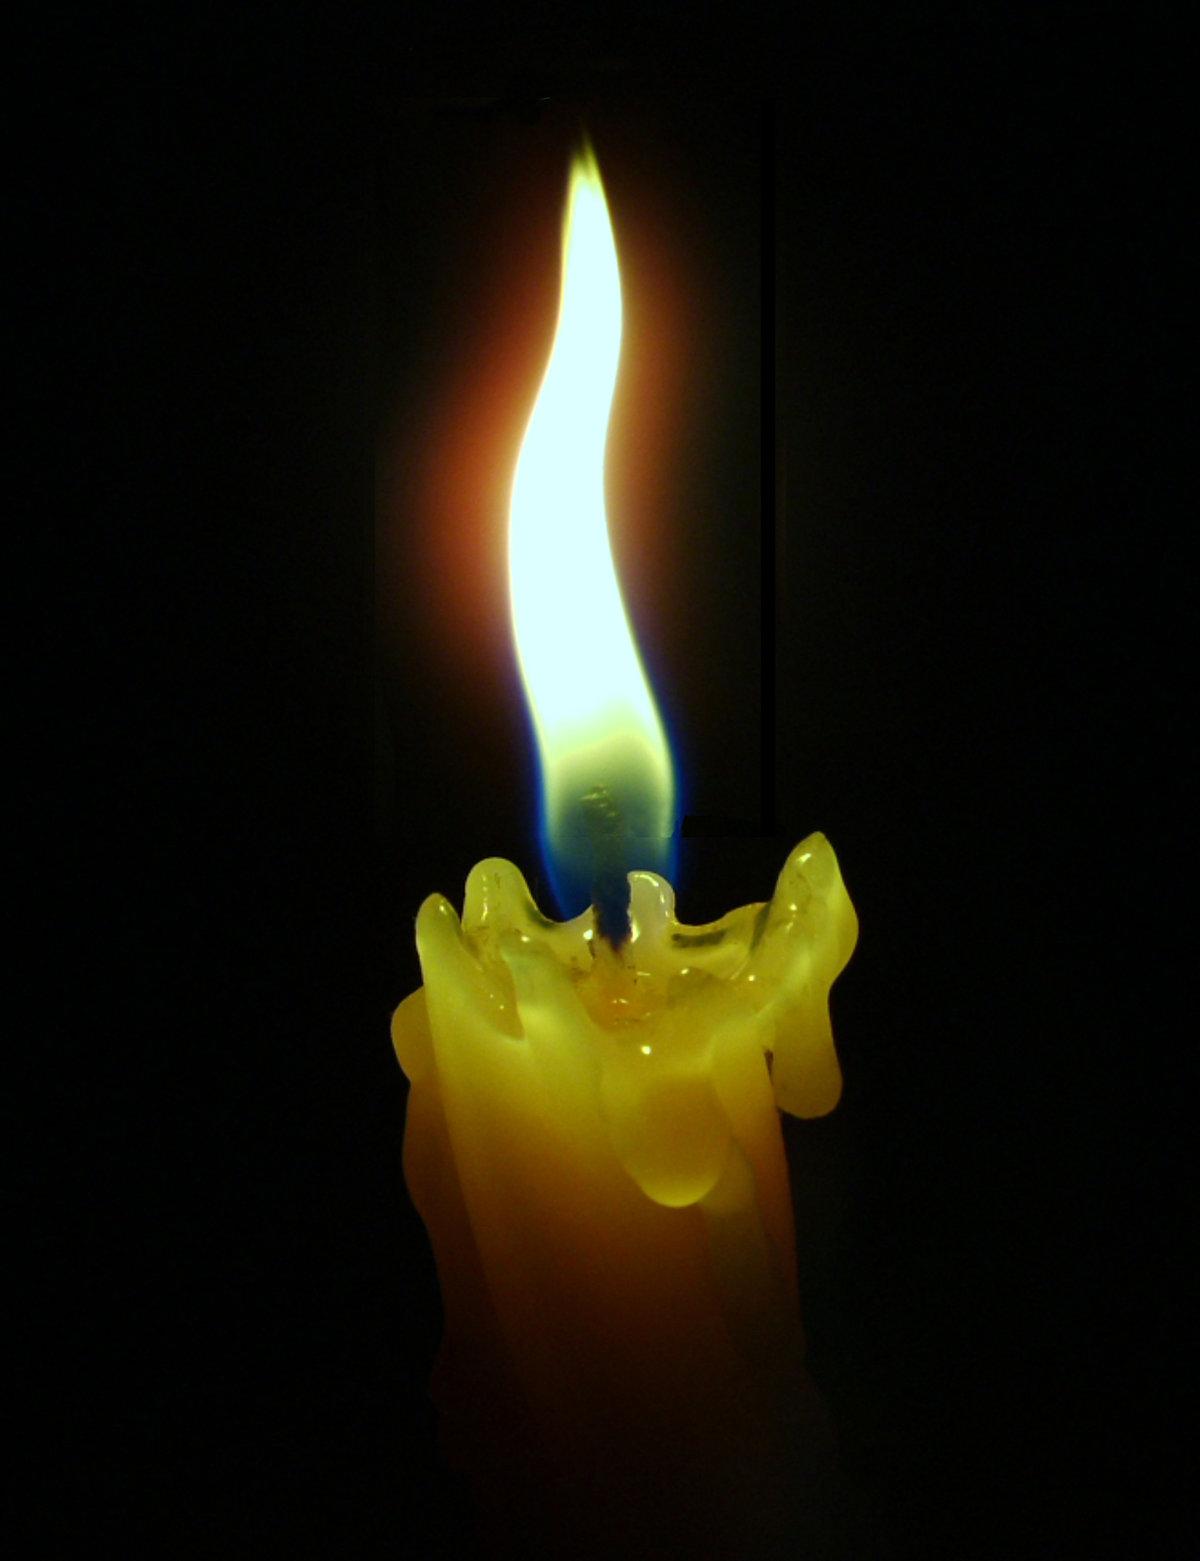 огонек знакомства для чего горит моя свеча